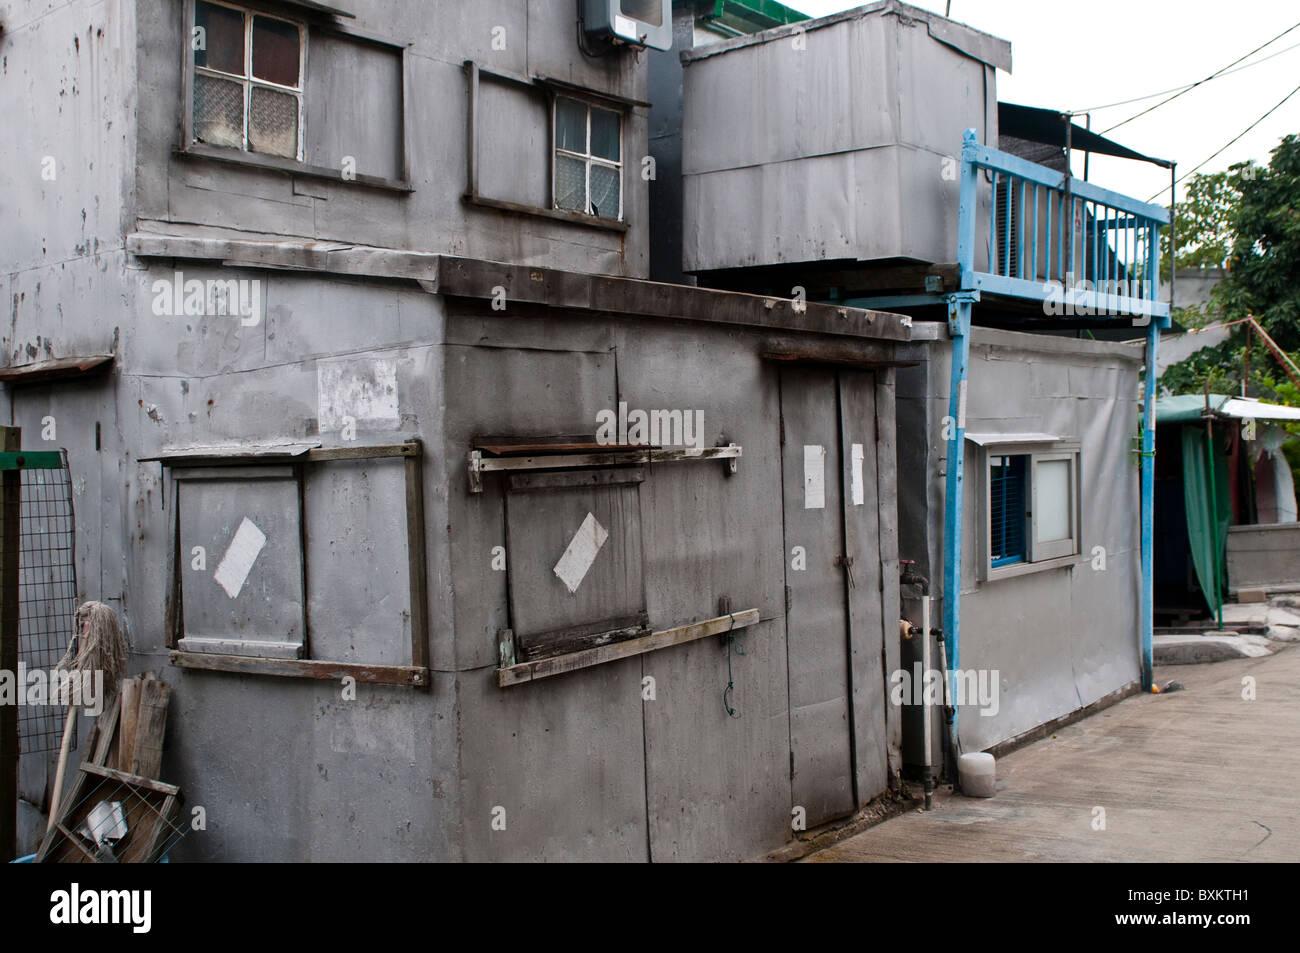 Tin house, Tai O village, Lantau island, Hong Kong, China - Stock Image